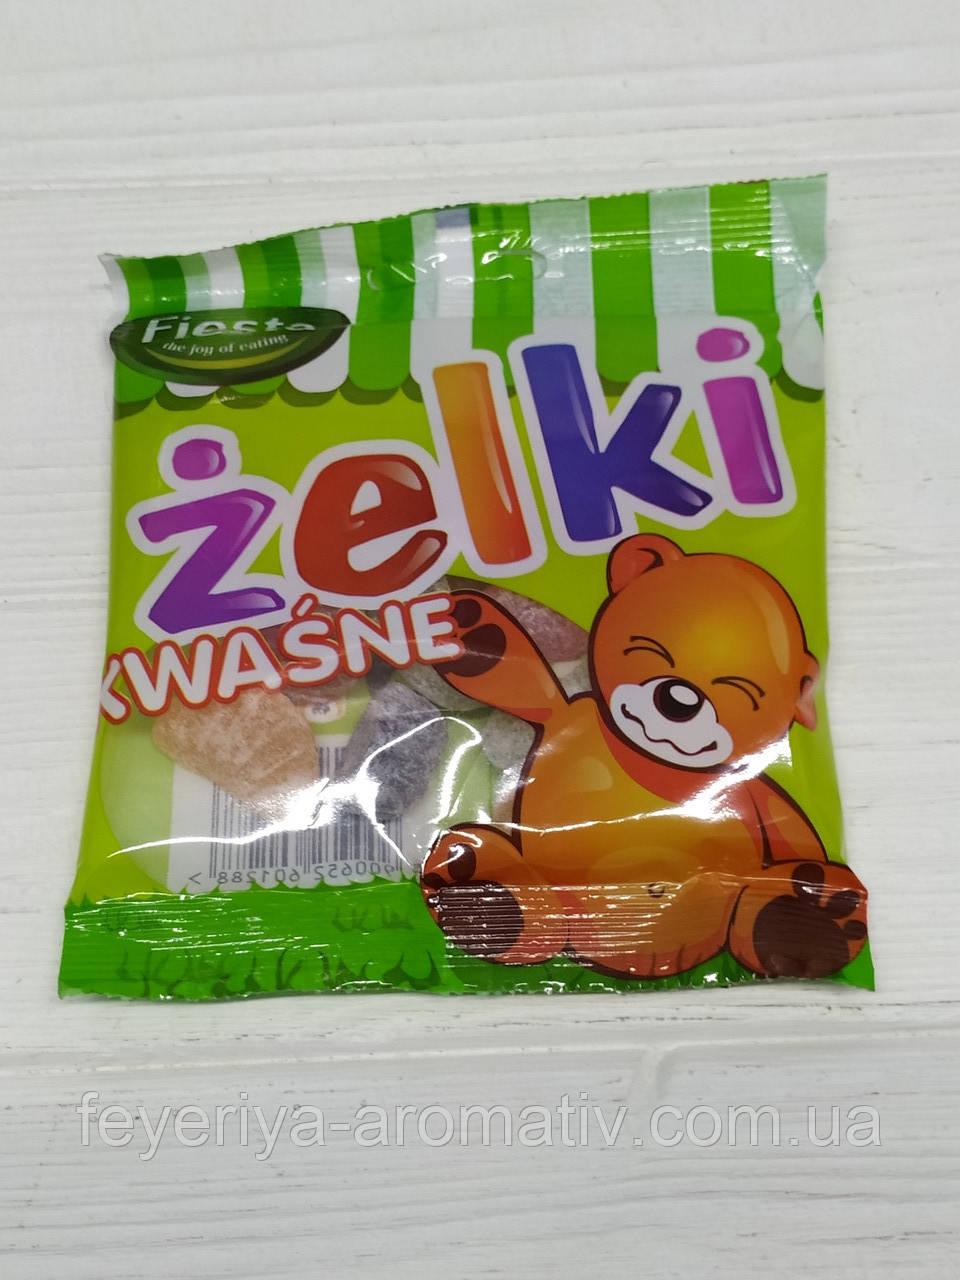 Желейные конфеты Fiesta Zelki Kwasne 80гр (Польша)